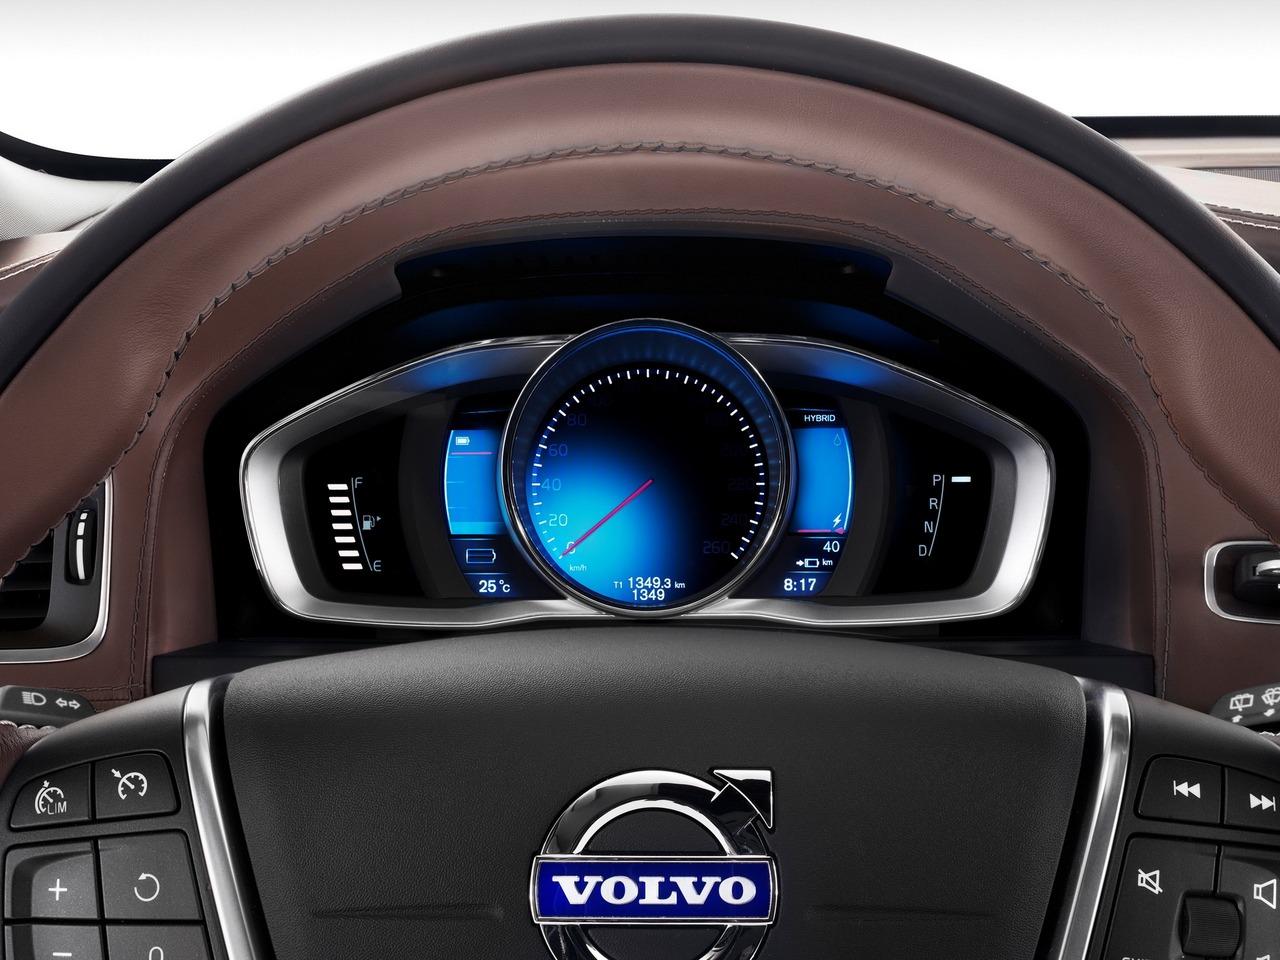 Volvo sube la apuesta: desde 2030 solo venderán eléctricos